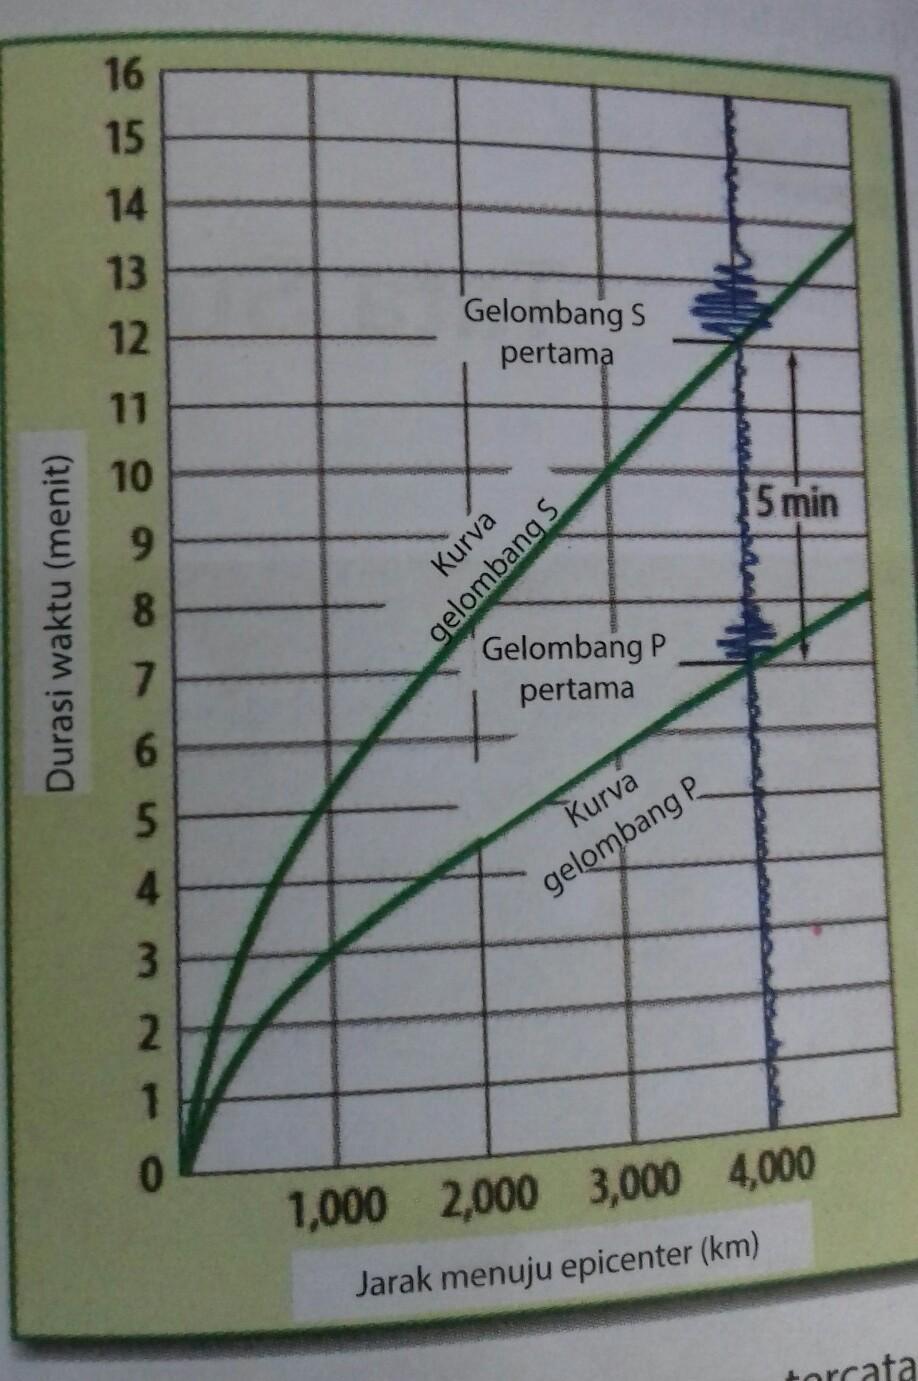 Sebuah Gelombang Primer Tercatat Di Seismik Pada Pukul 18.15 : sebuah, gelombang, primer, tercatat, seismik, pukul, 18.15, Materi:, Lapisan, (Semester, II)Kelas:, VIINo., 1Sebuah, Gelombang, Primer, Tercatat, Seismik, Brainly.co.id